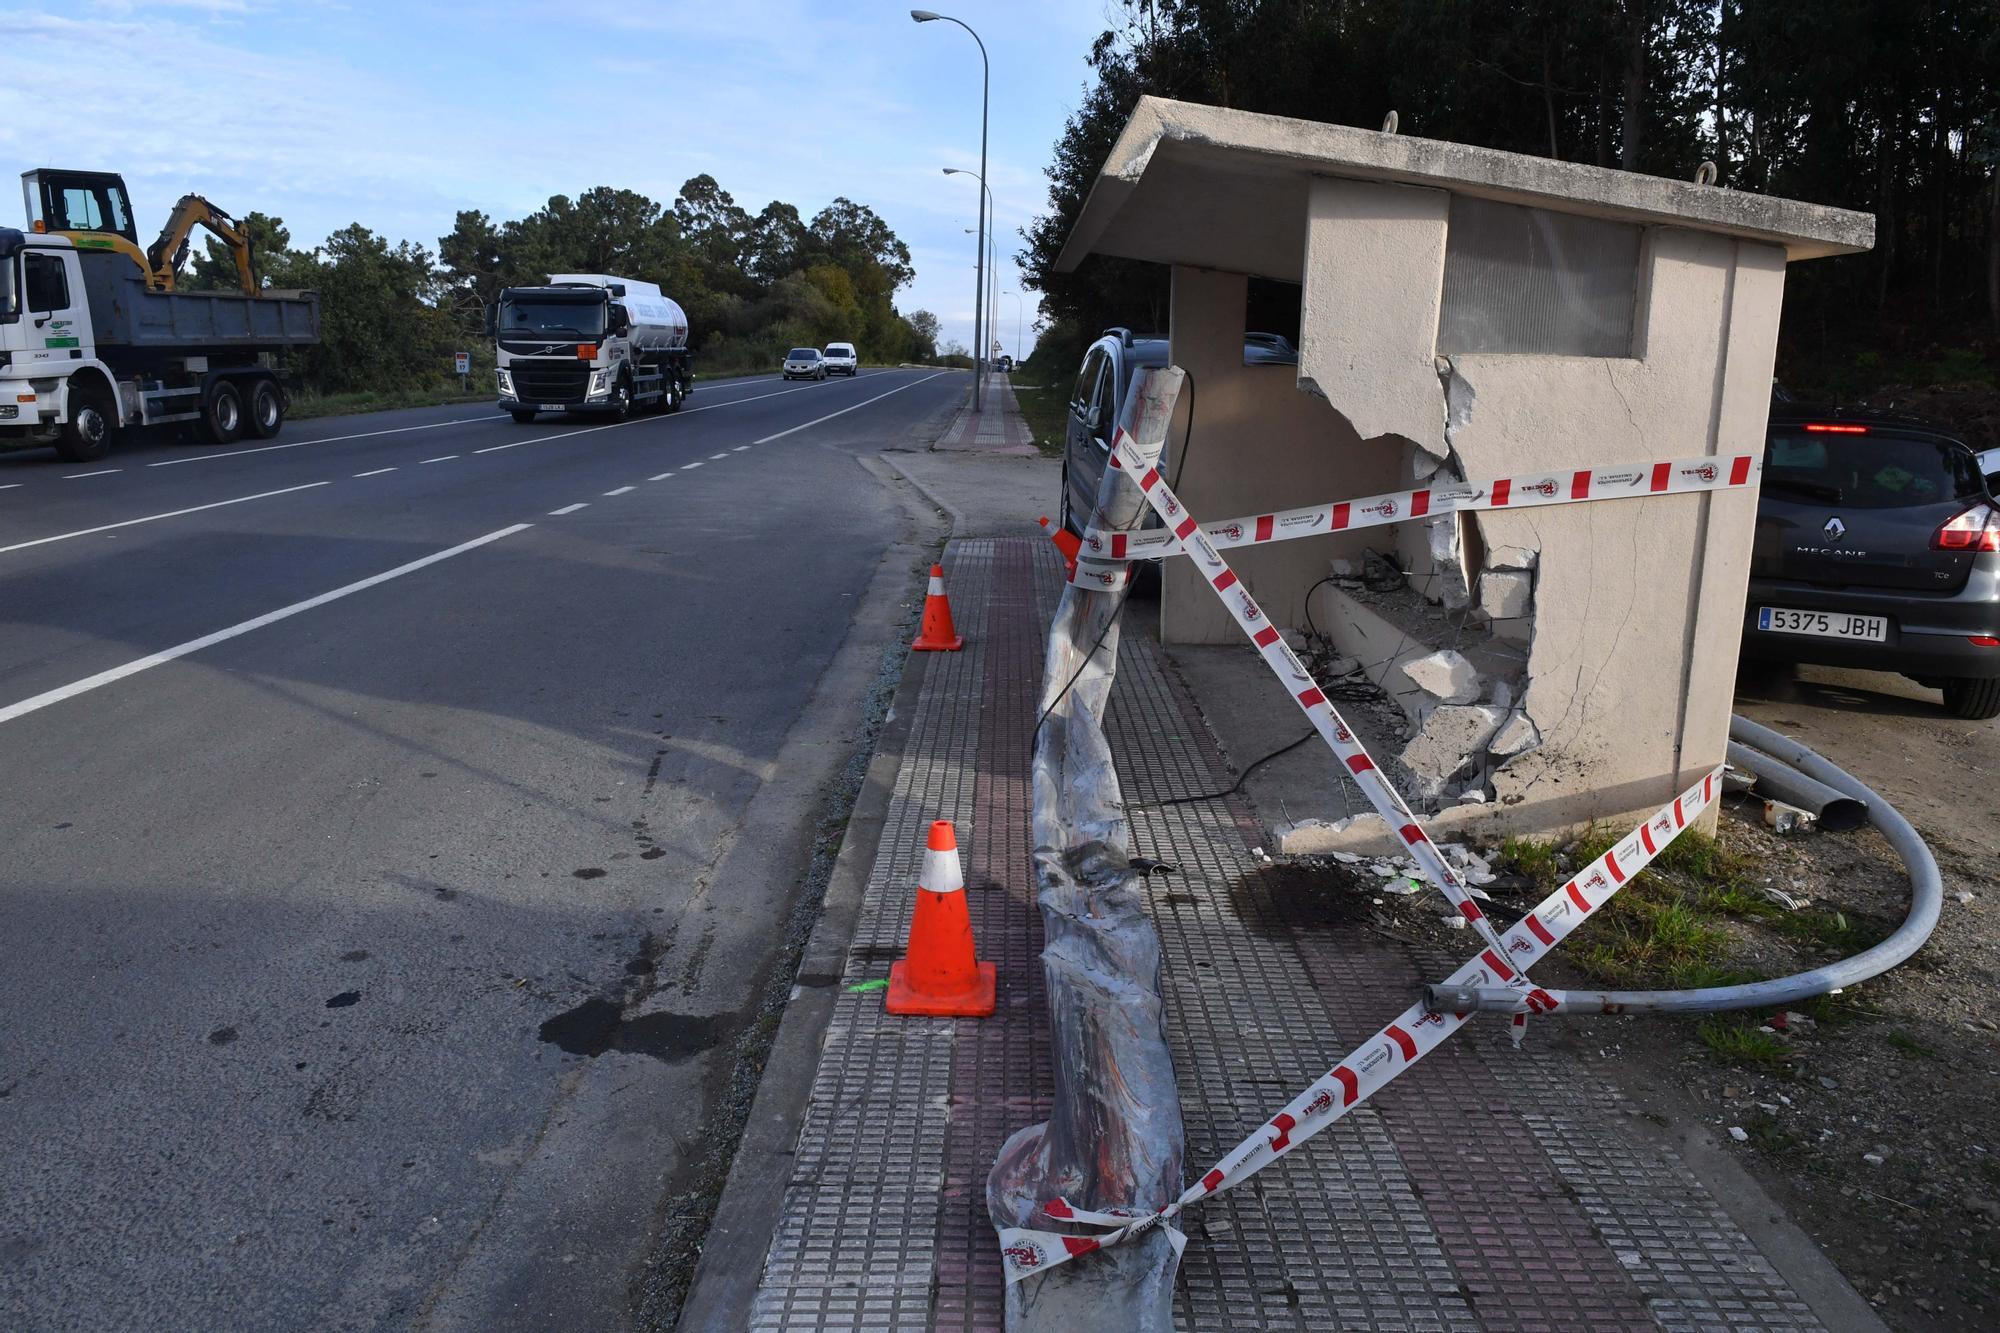 Un joven de 22 años muere y otro resulta herido en un accidente de tráfico en Arteixo